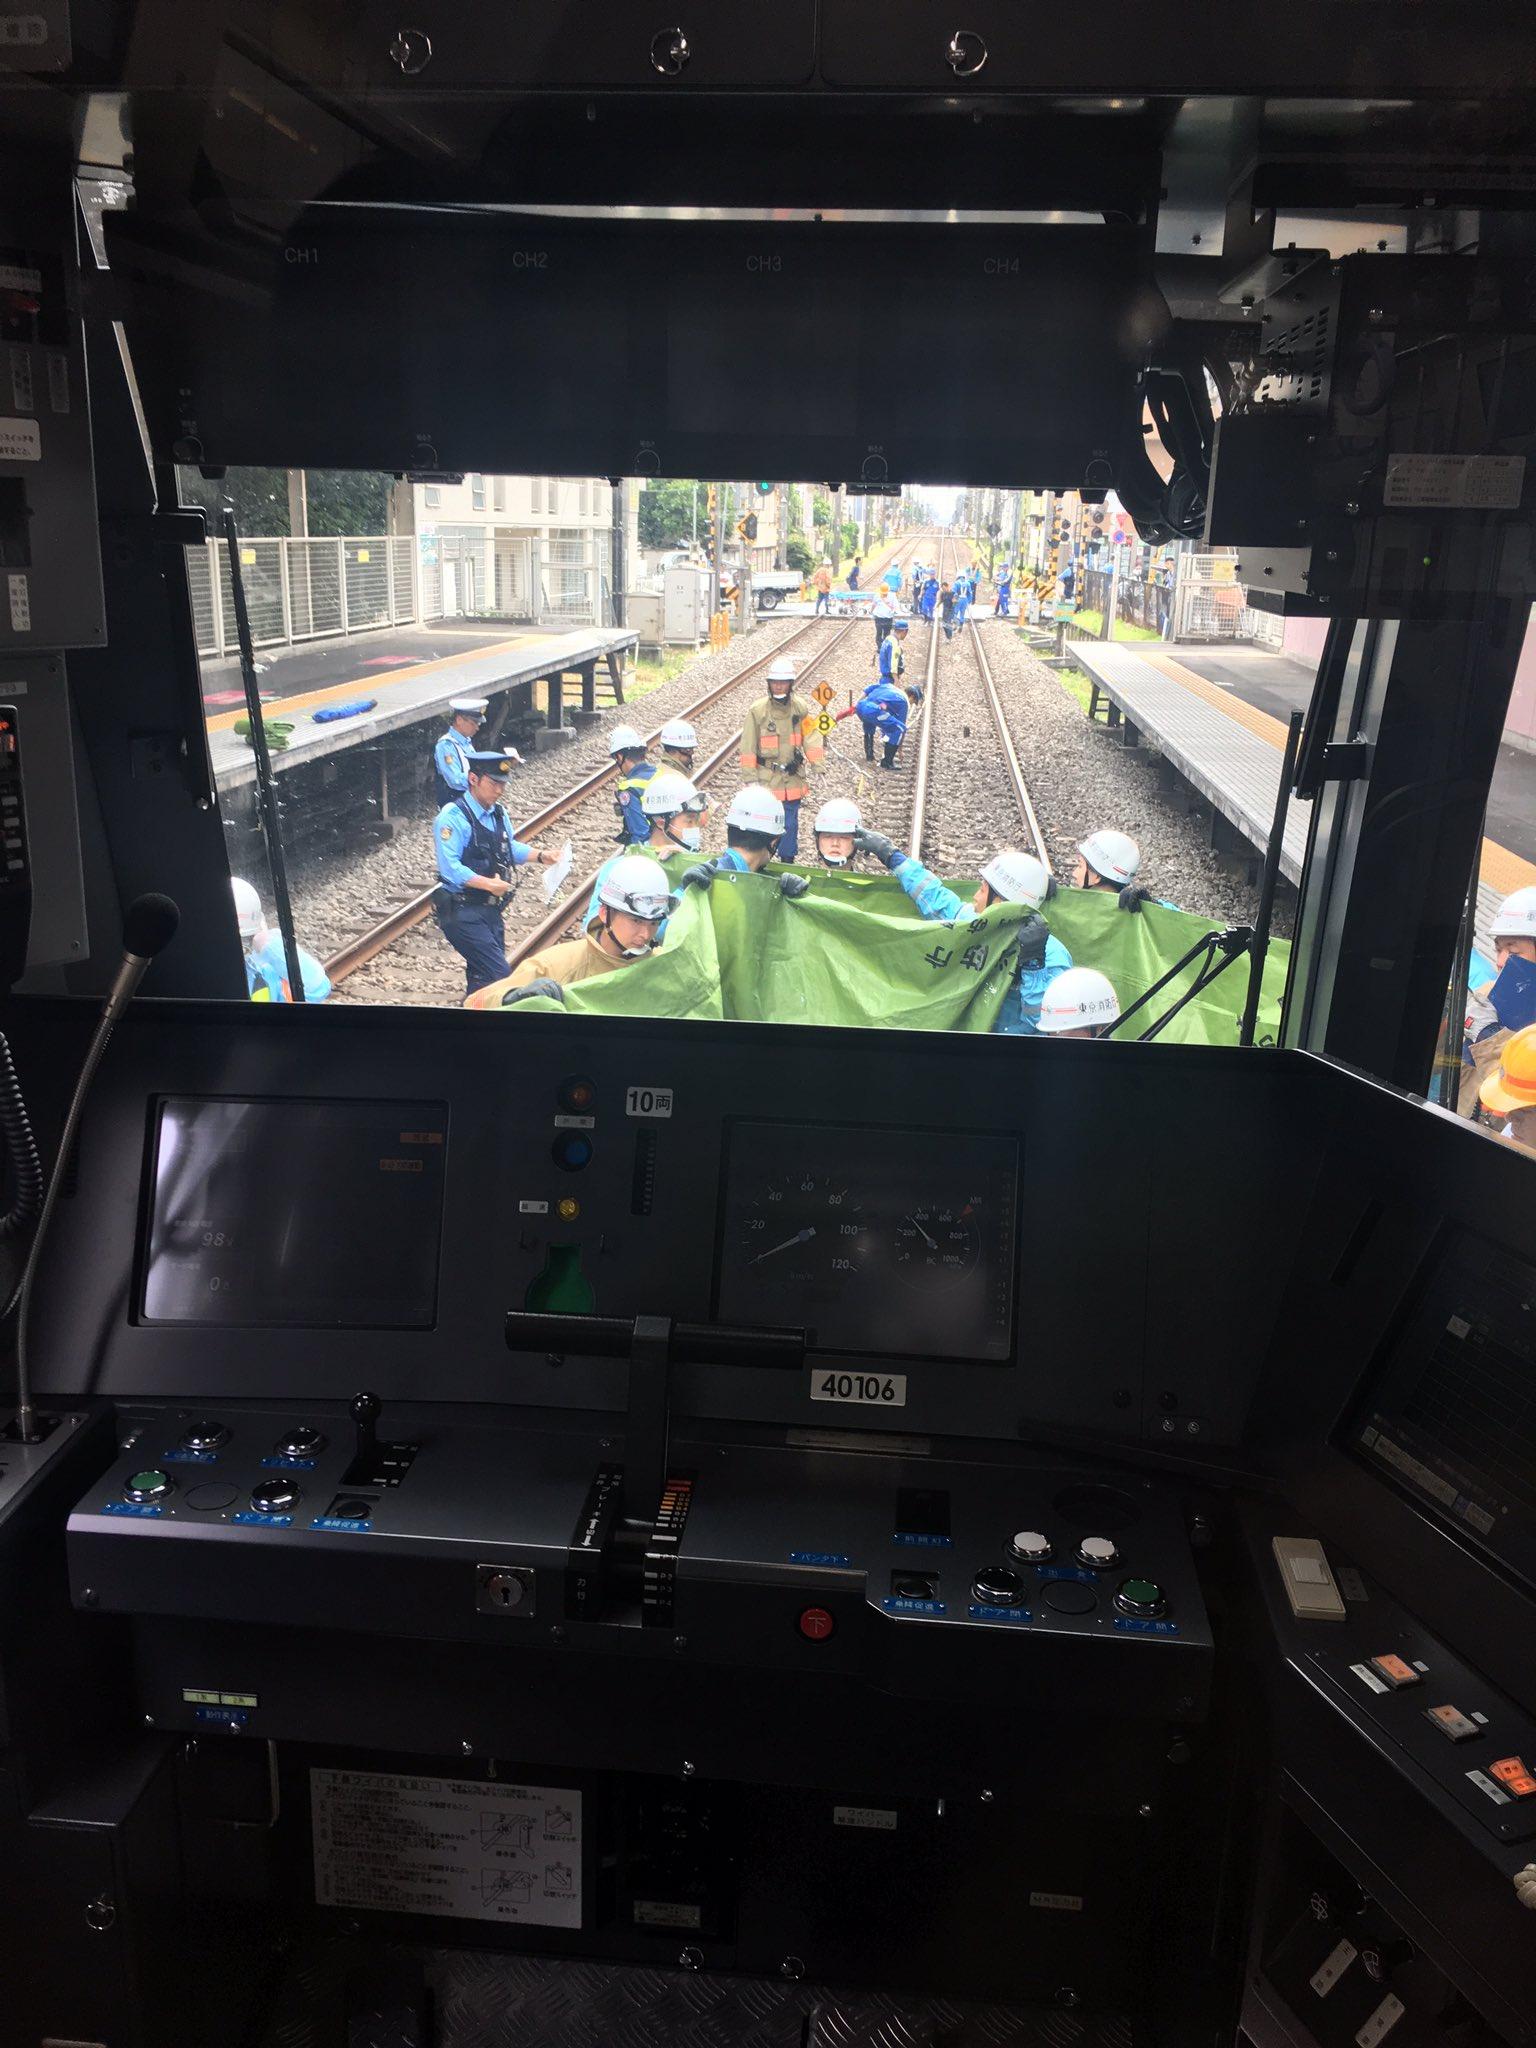 西武新宿線の武蔵関駅付近で人身事故が起きた現場画像